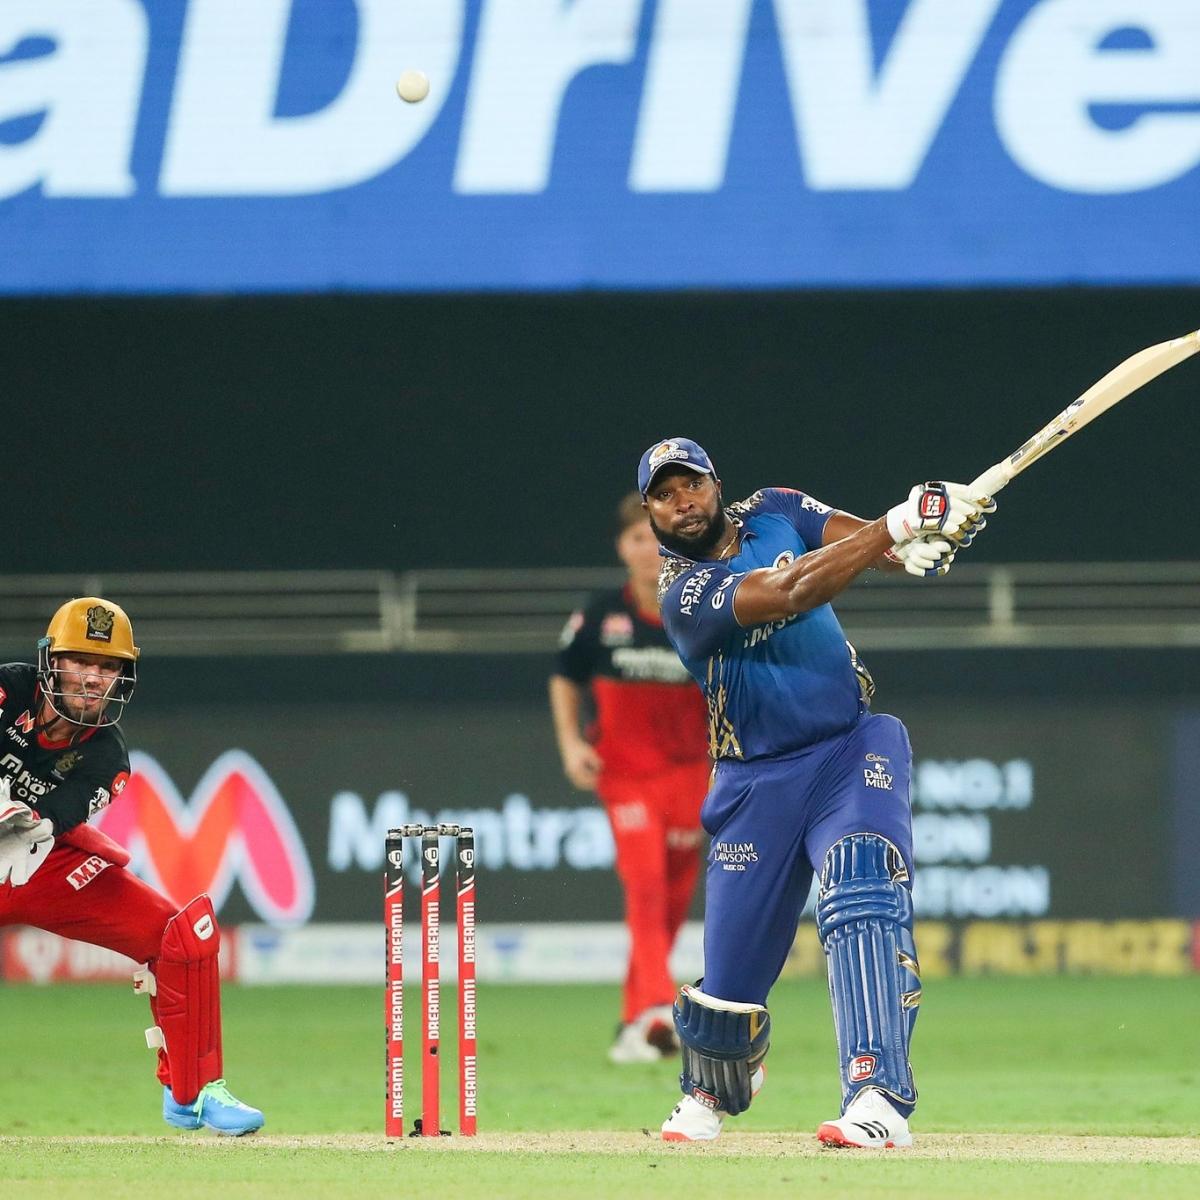 'Great sign for us': Zaheer Khan on Kieron Pollard's form in IPL 2020